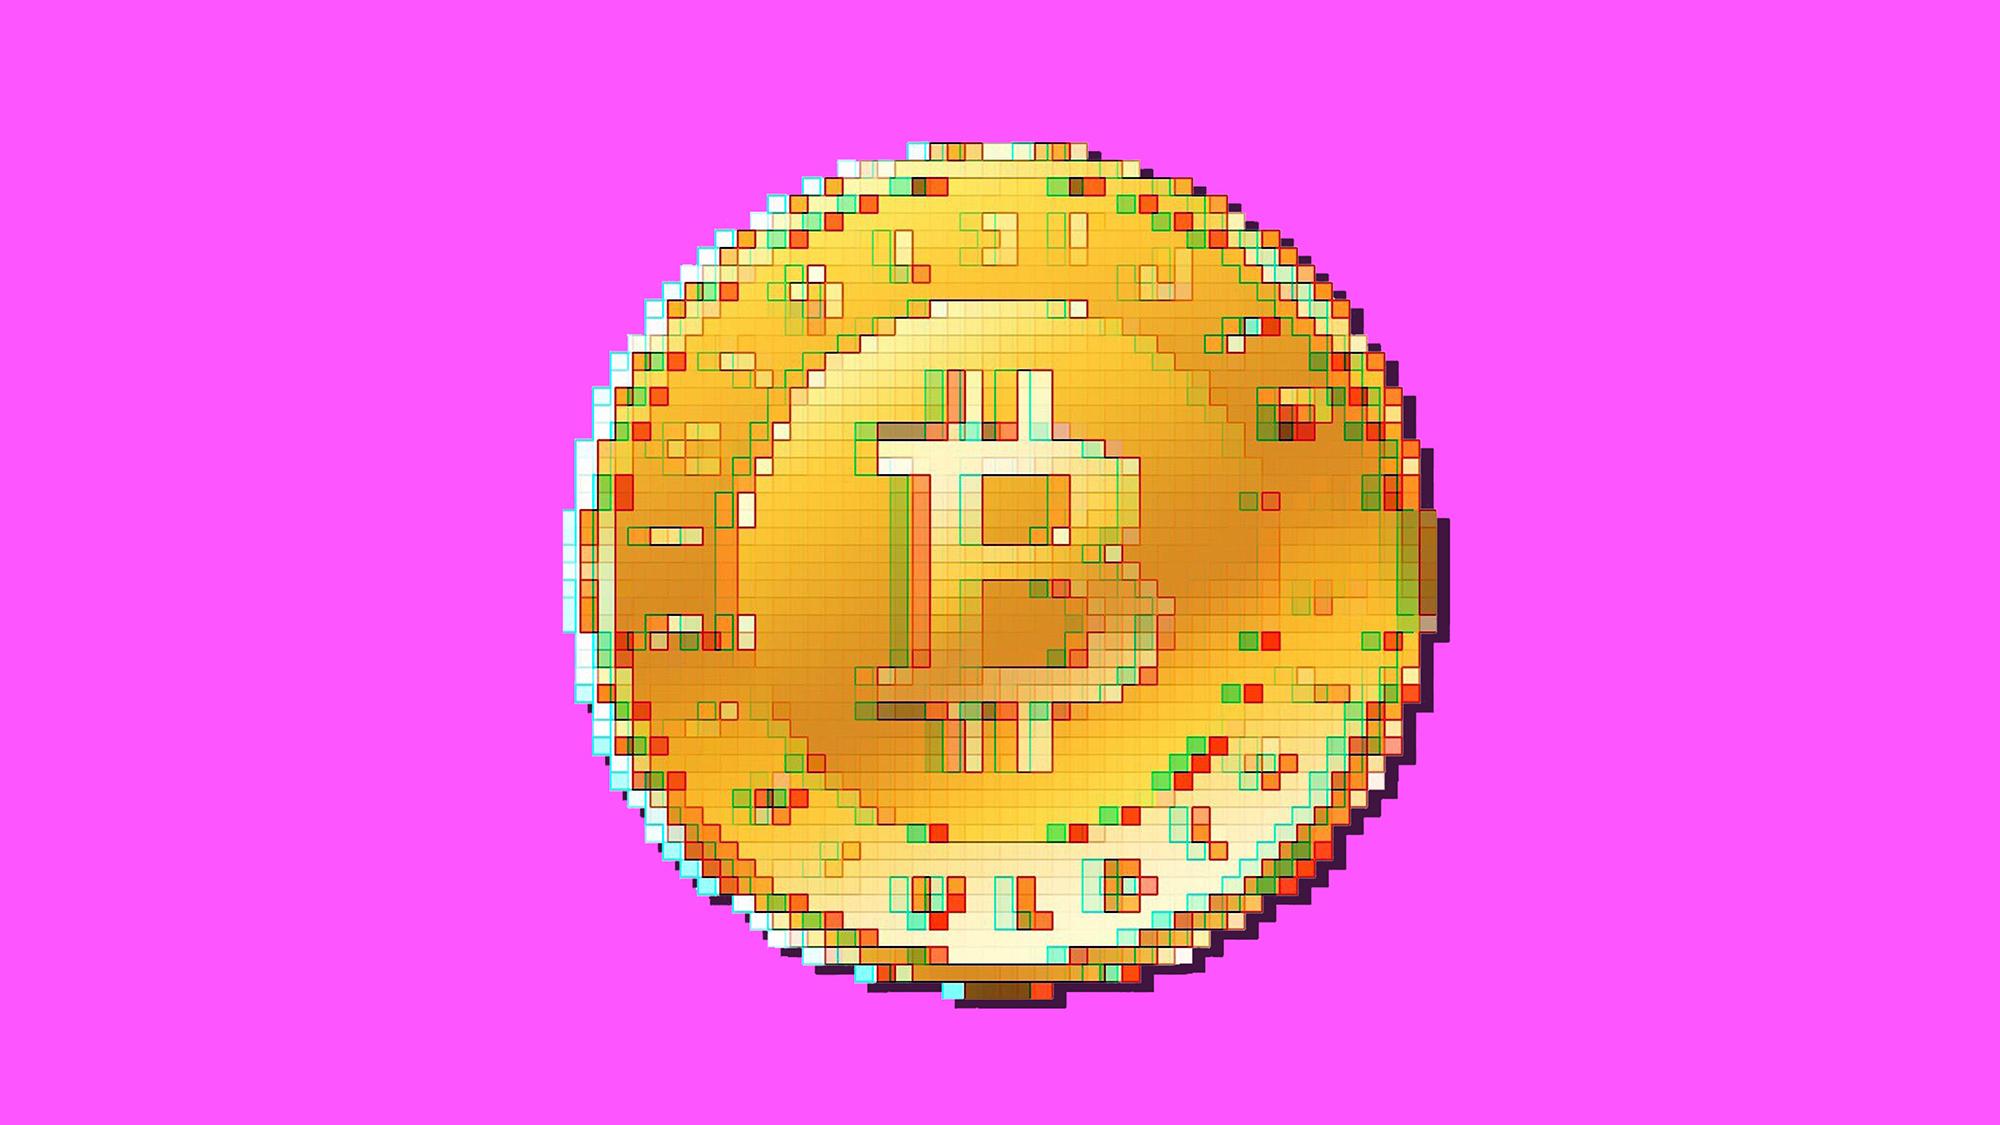 Hype oder die Zukunft? So oder so fordern Bitcoin und Blockchain Wirtschaft und Gesellschaft heraus.